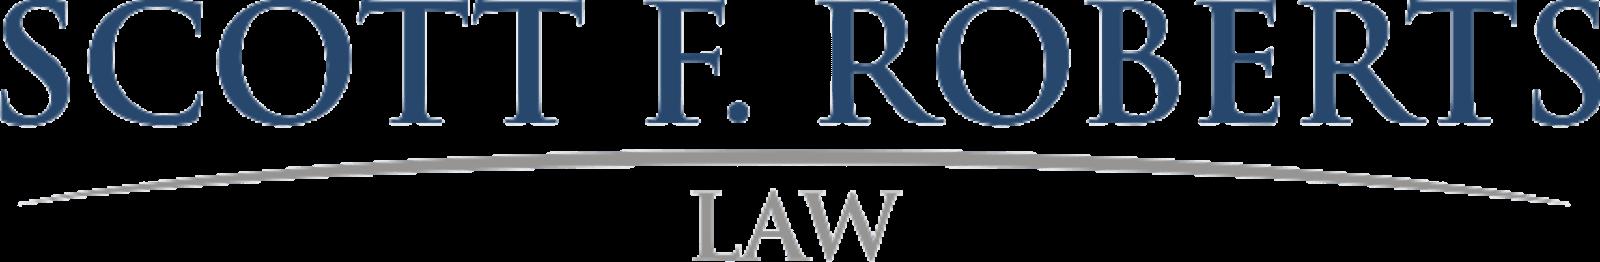 Scott F Roberts Law